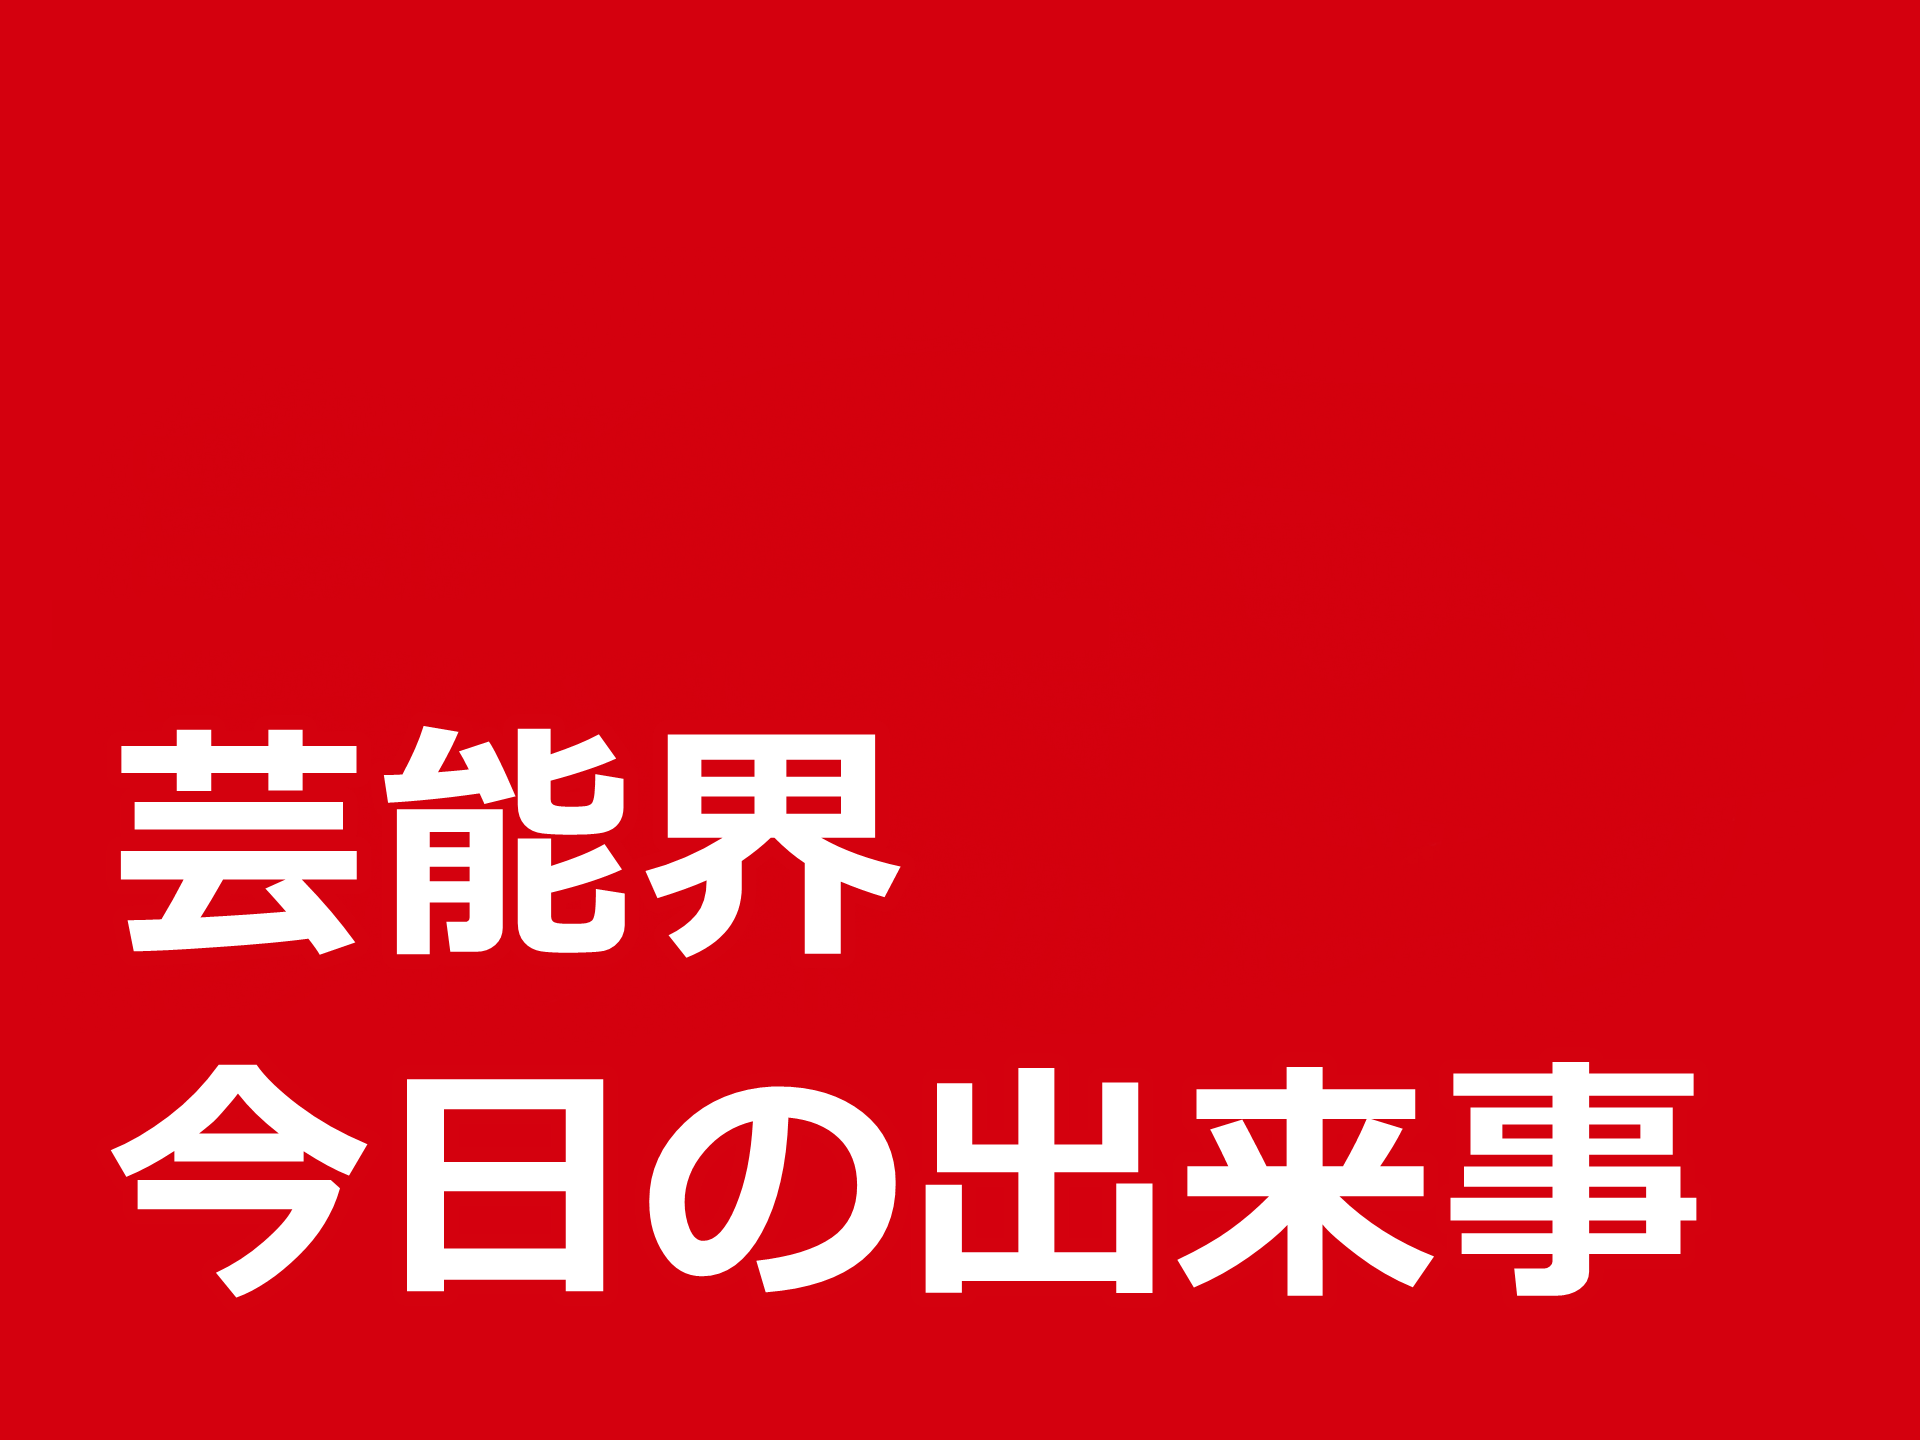 芸能界「1月2日」の出来事【ニュース・イベント・誕生日】